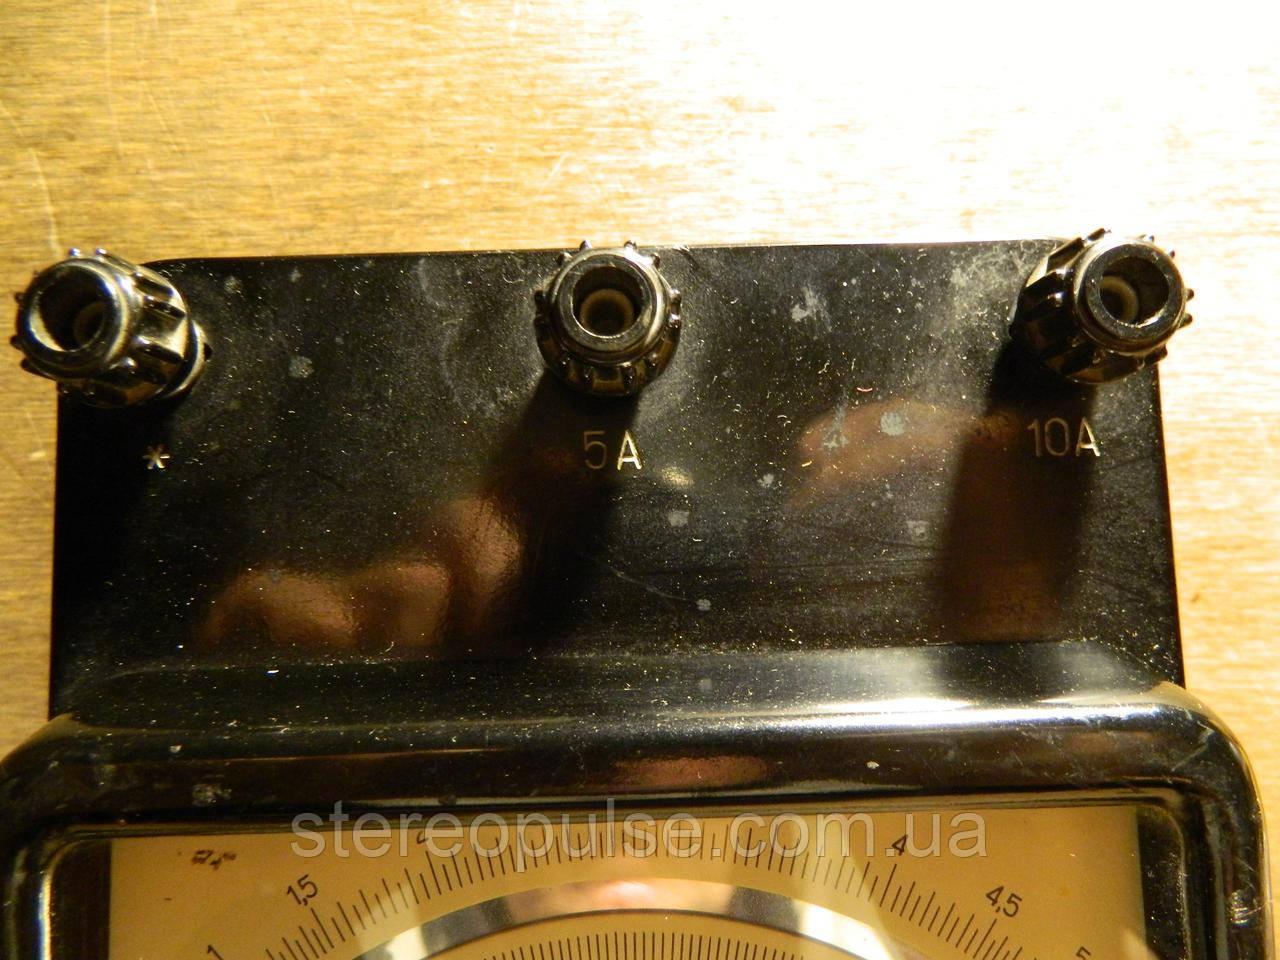 Амперметр  Э59   5 А 10 А .